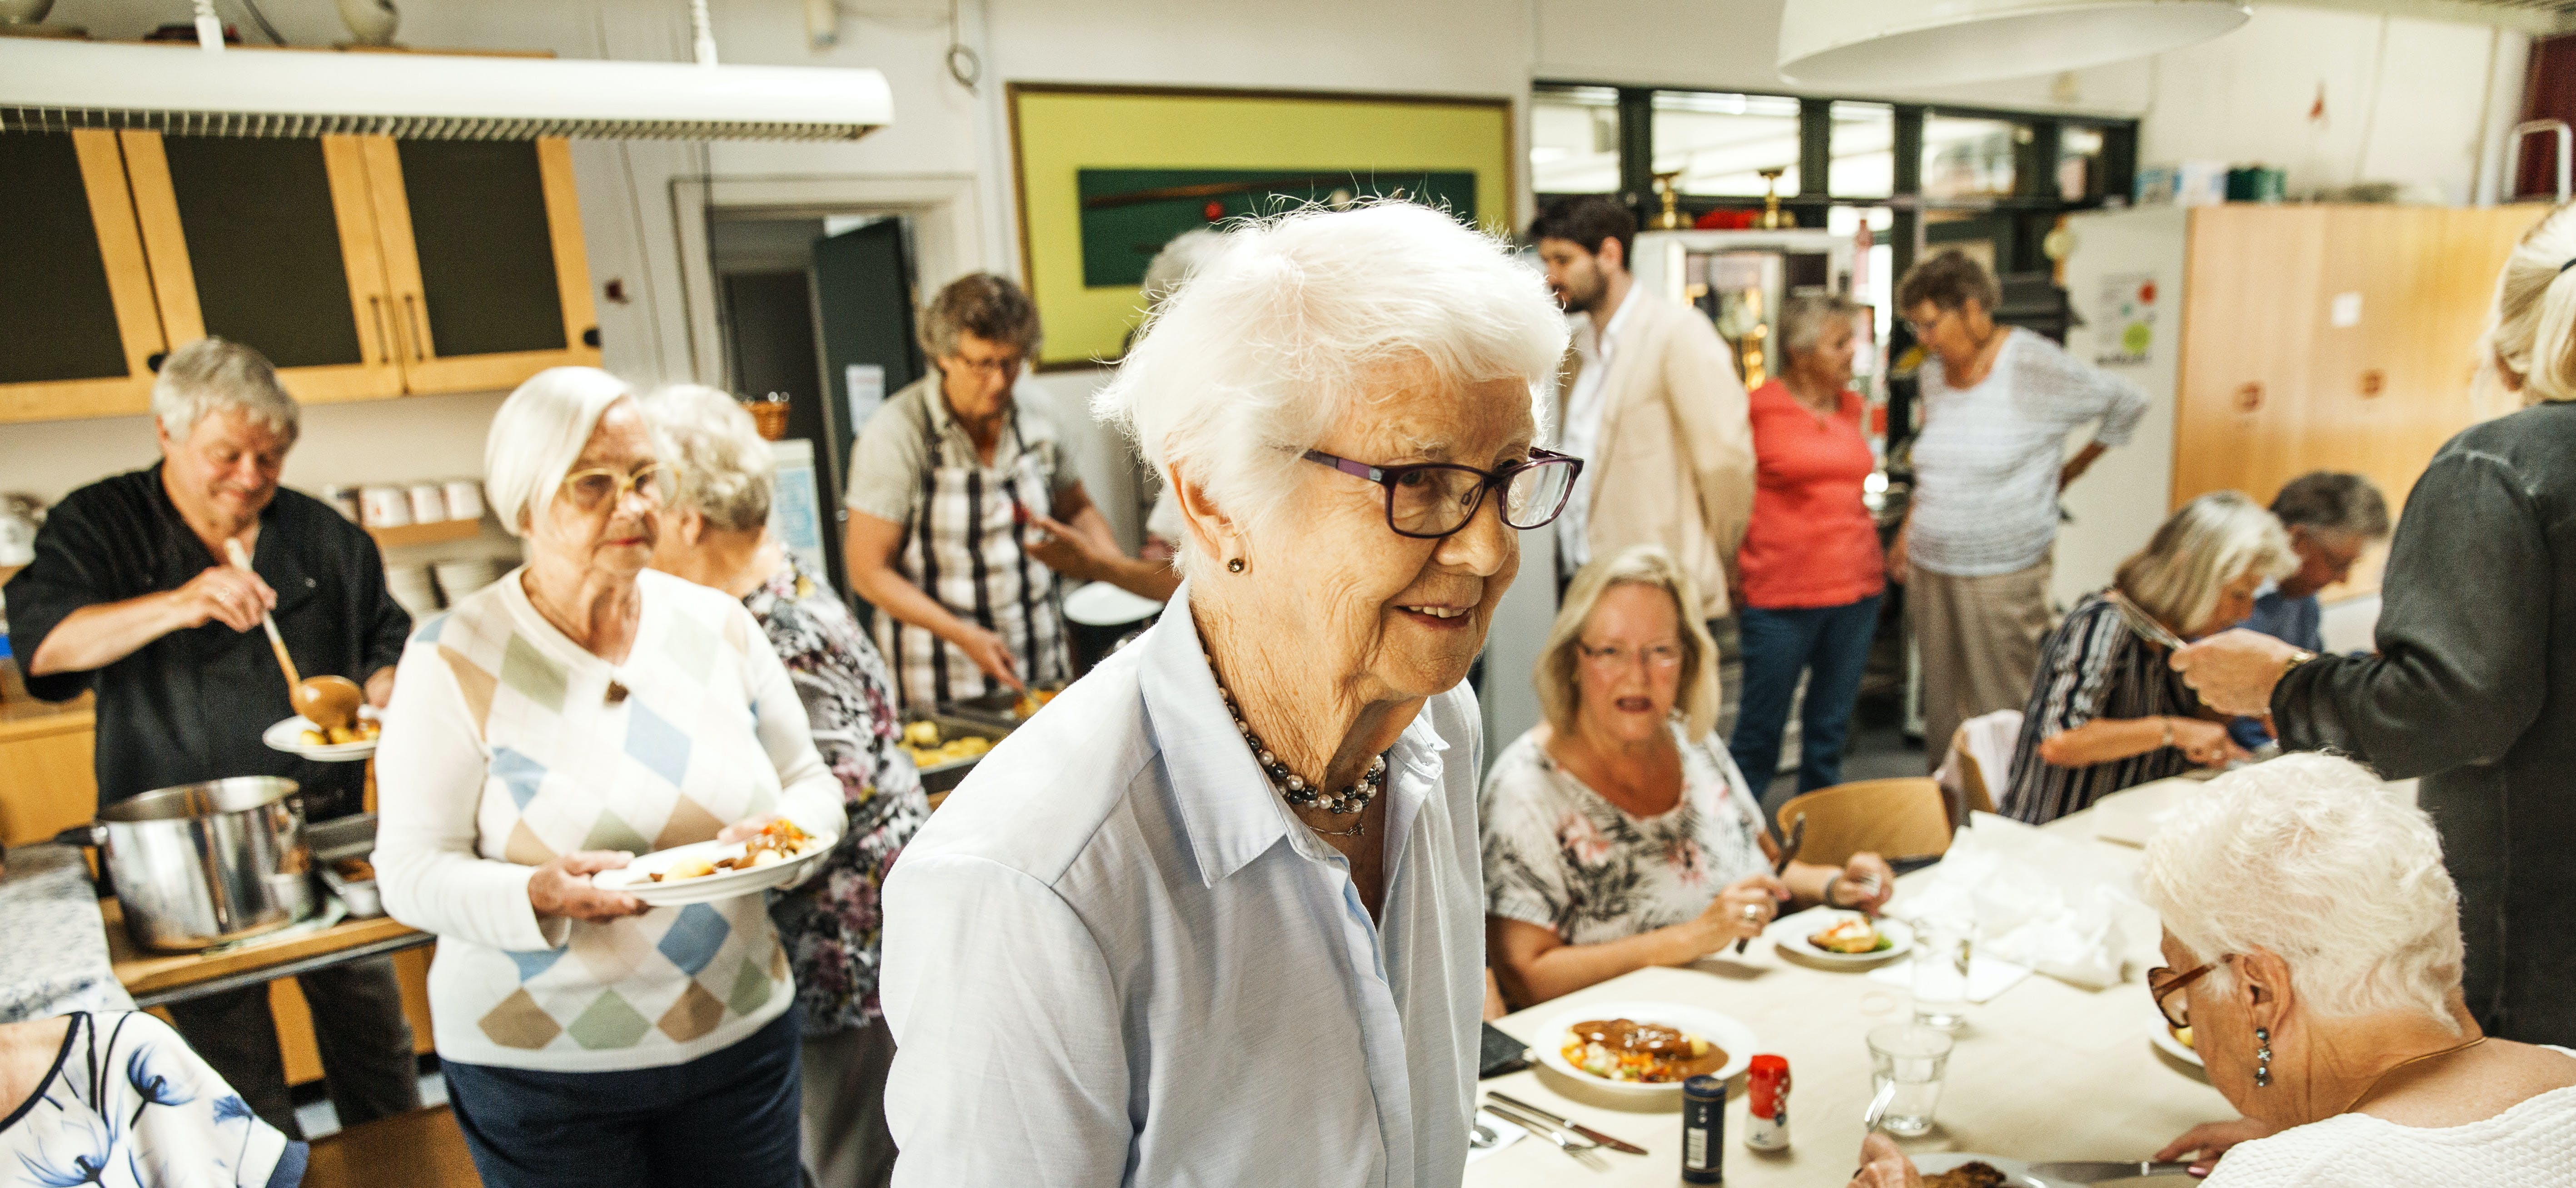 Københavns Kommune skærer ned på det røde kød i skoler og plejehjem for at skåne klimaet. Foto: Københavns Kommune